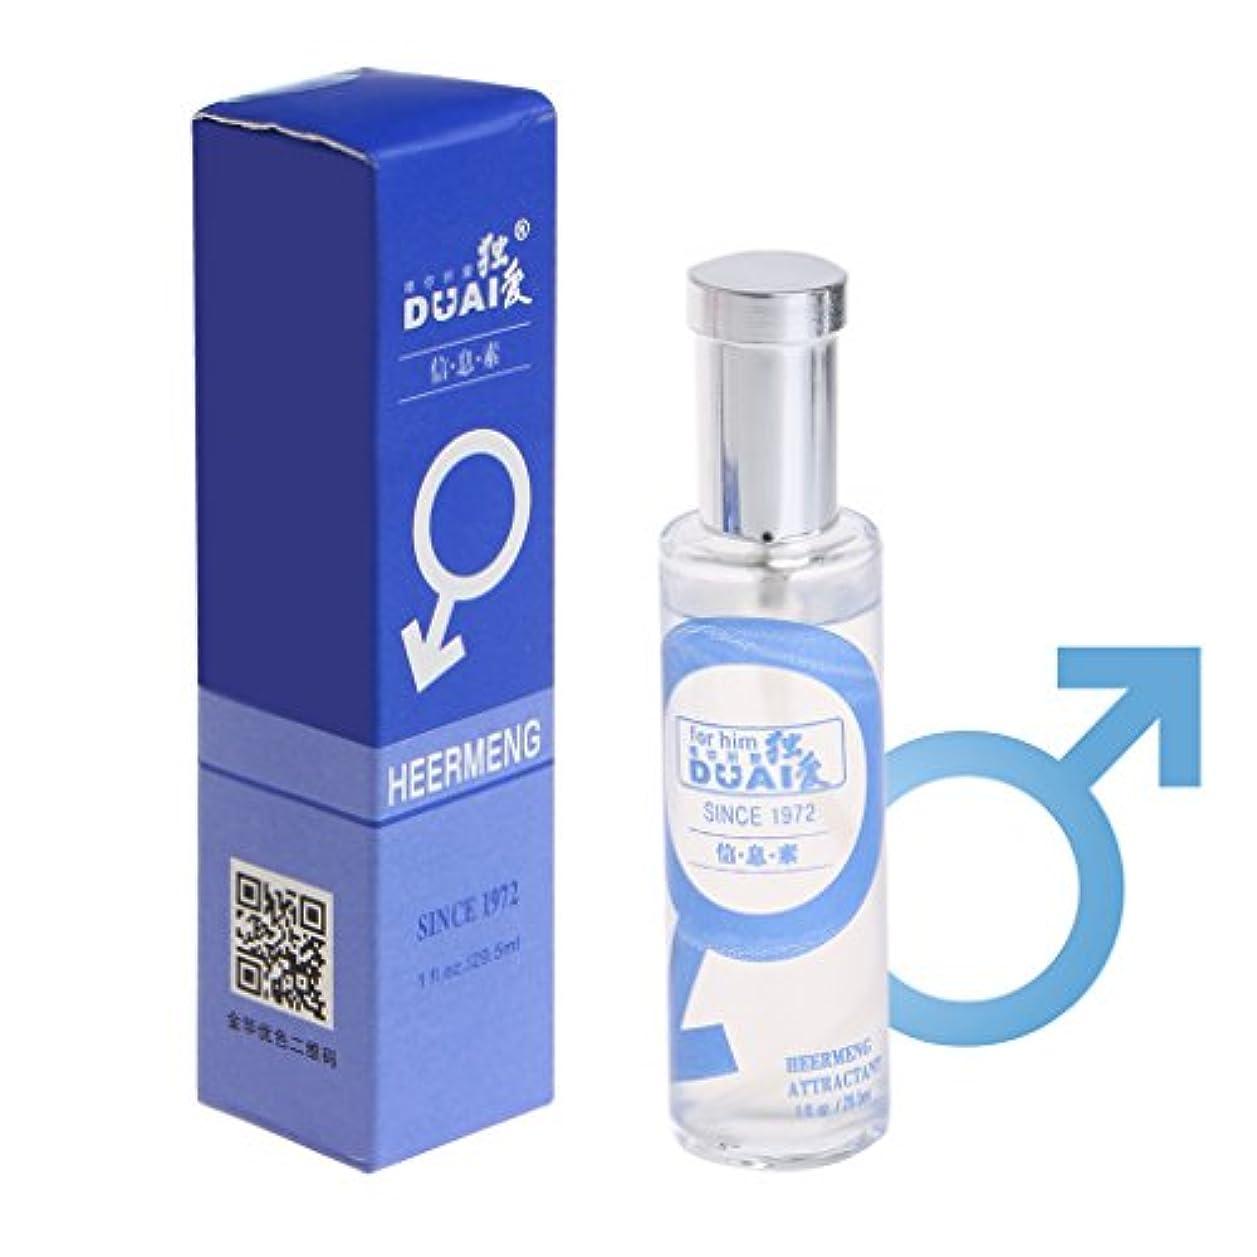 めまいツーリスト内向きJAGETRADEセクシーな香水香水ボディスプレーオイルフェロモン男性の性のおもちゃのための媚薬の供給